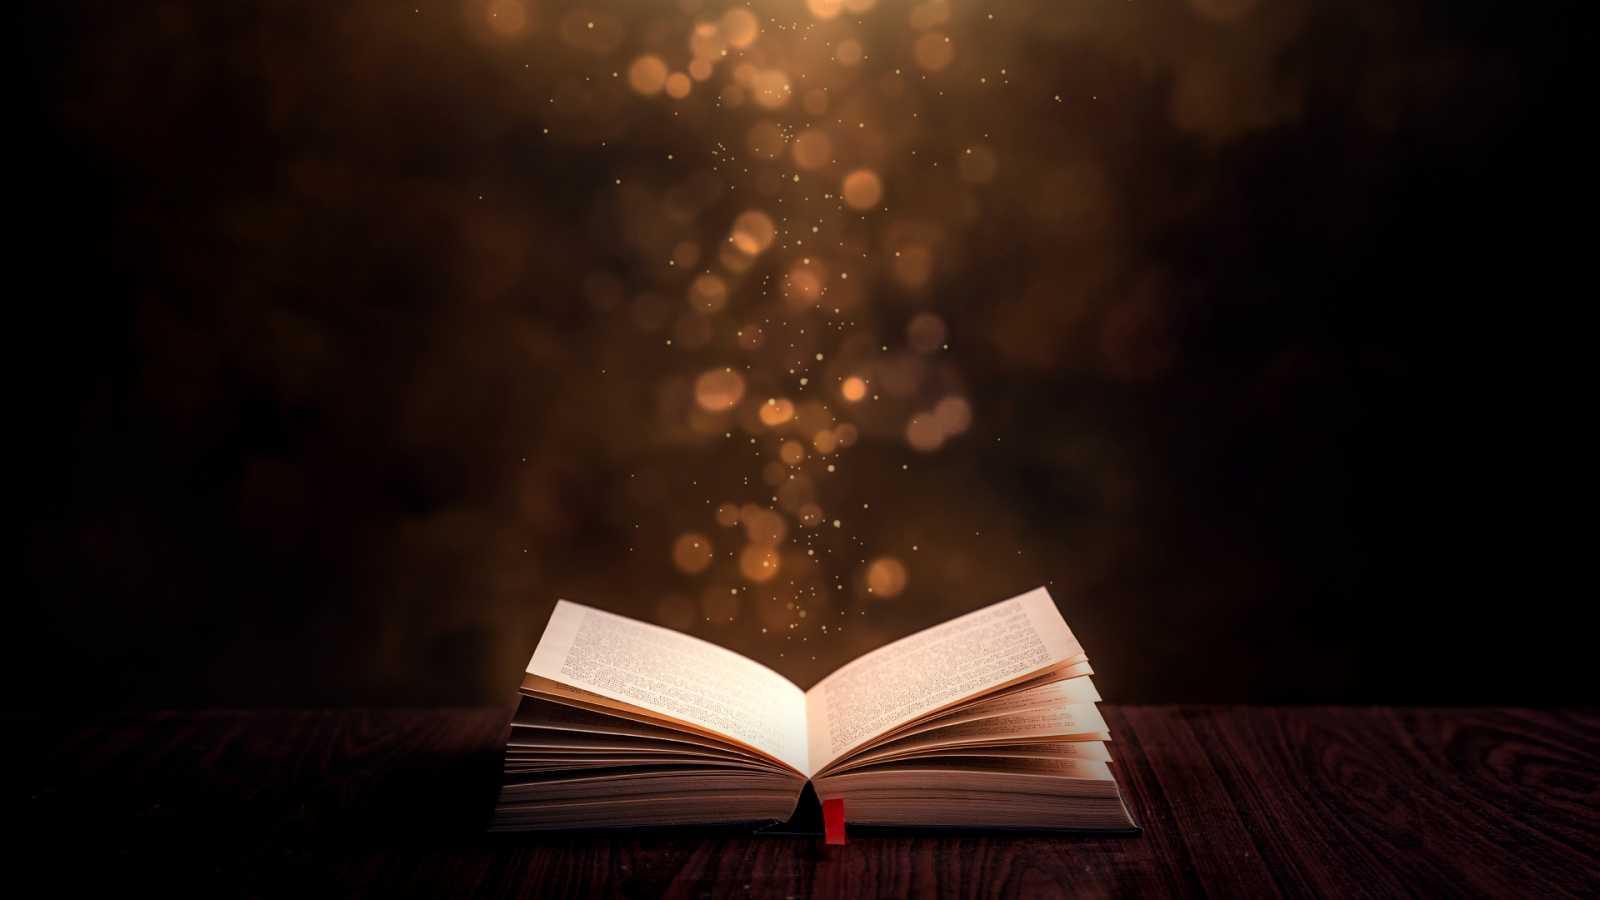 Libros de arena en Radio 5 - Maite R. Ochotorena presenta 'La mensajera del bosque'- 27/01/21 - Escuchar ahora